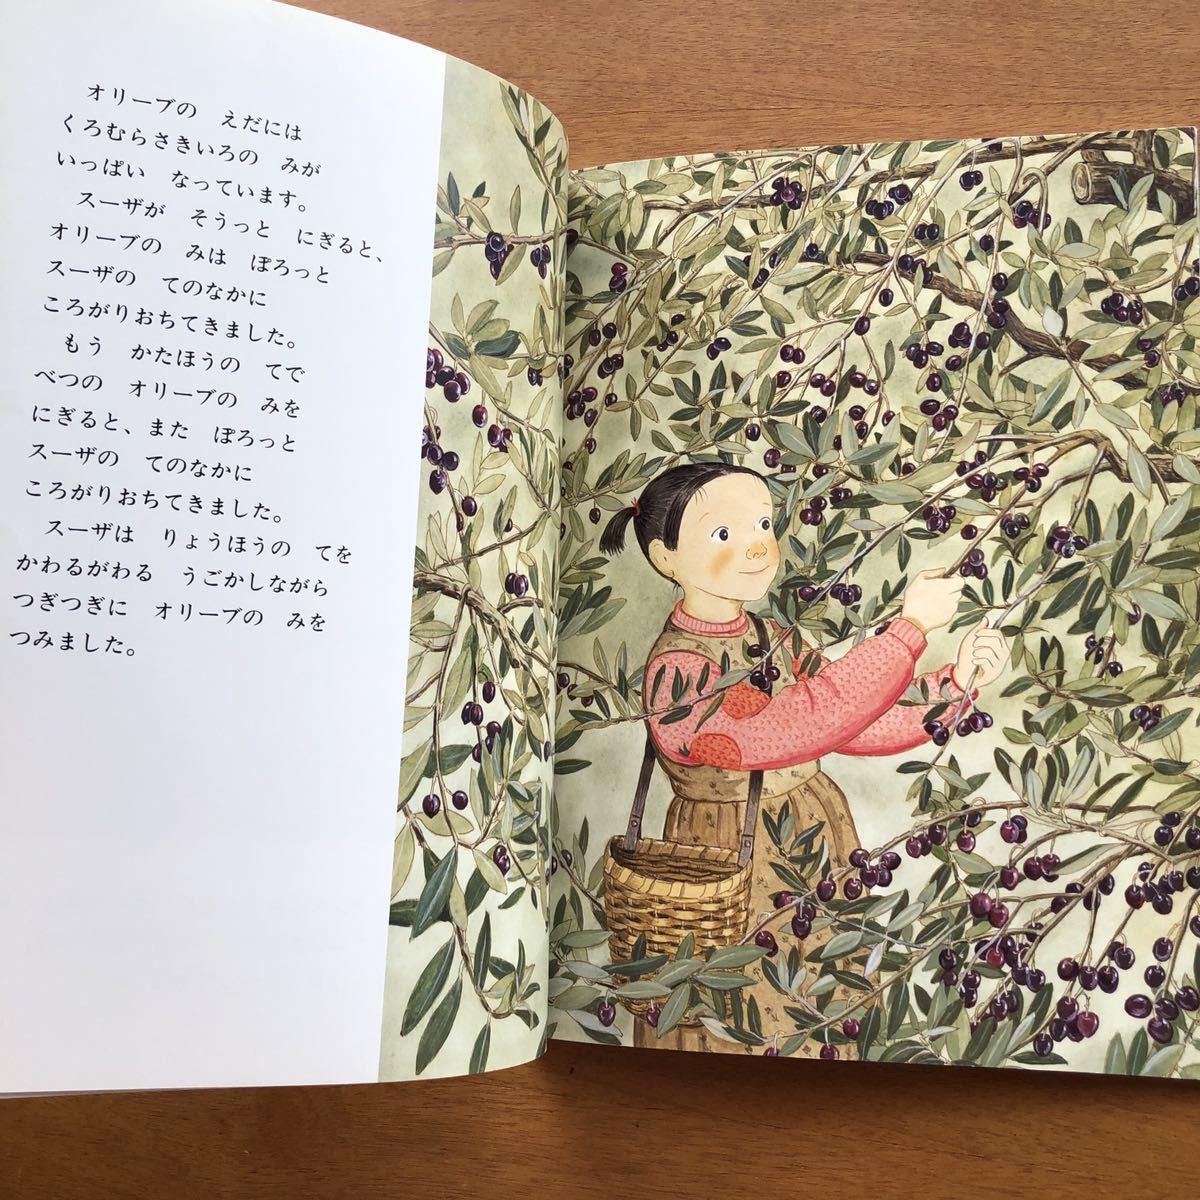 こどものとも ねぼすけスーザの オリーブつみ 広野多珂子 2001年  初版 絶版 古い 絵本